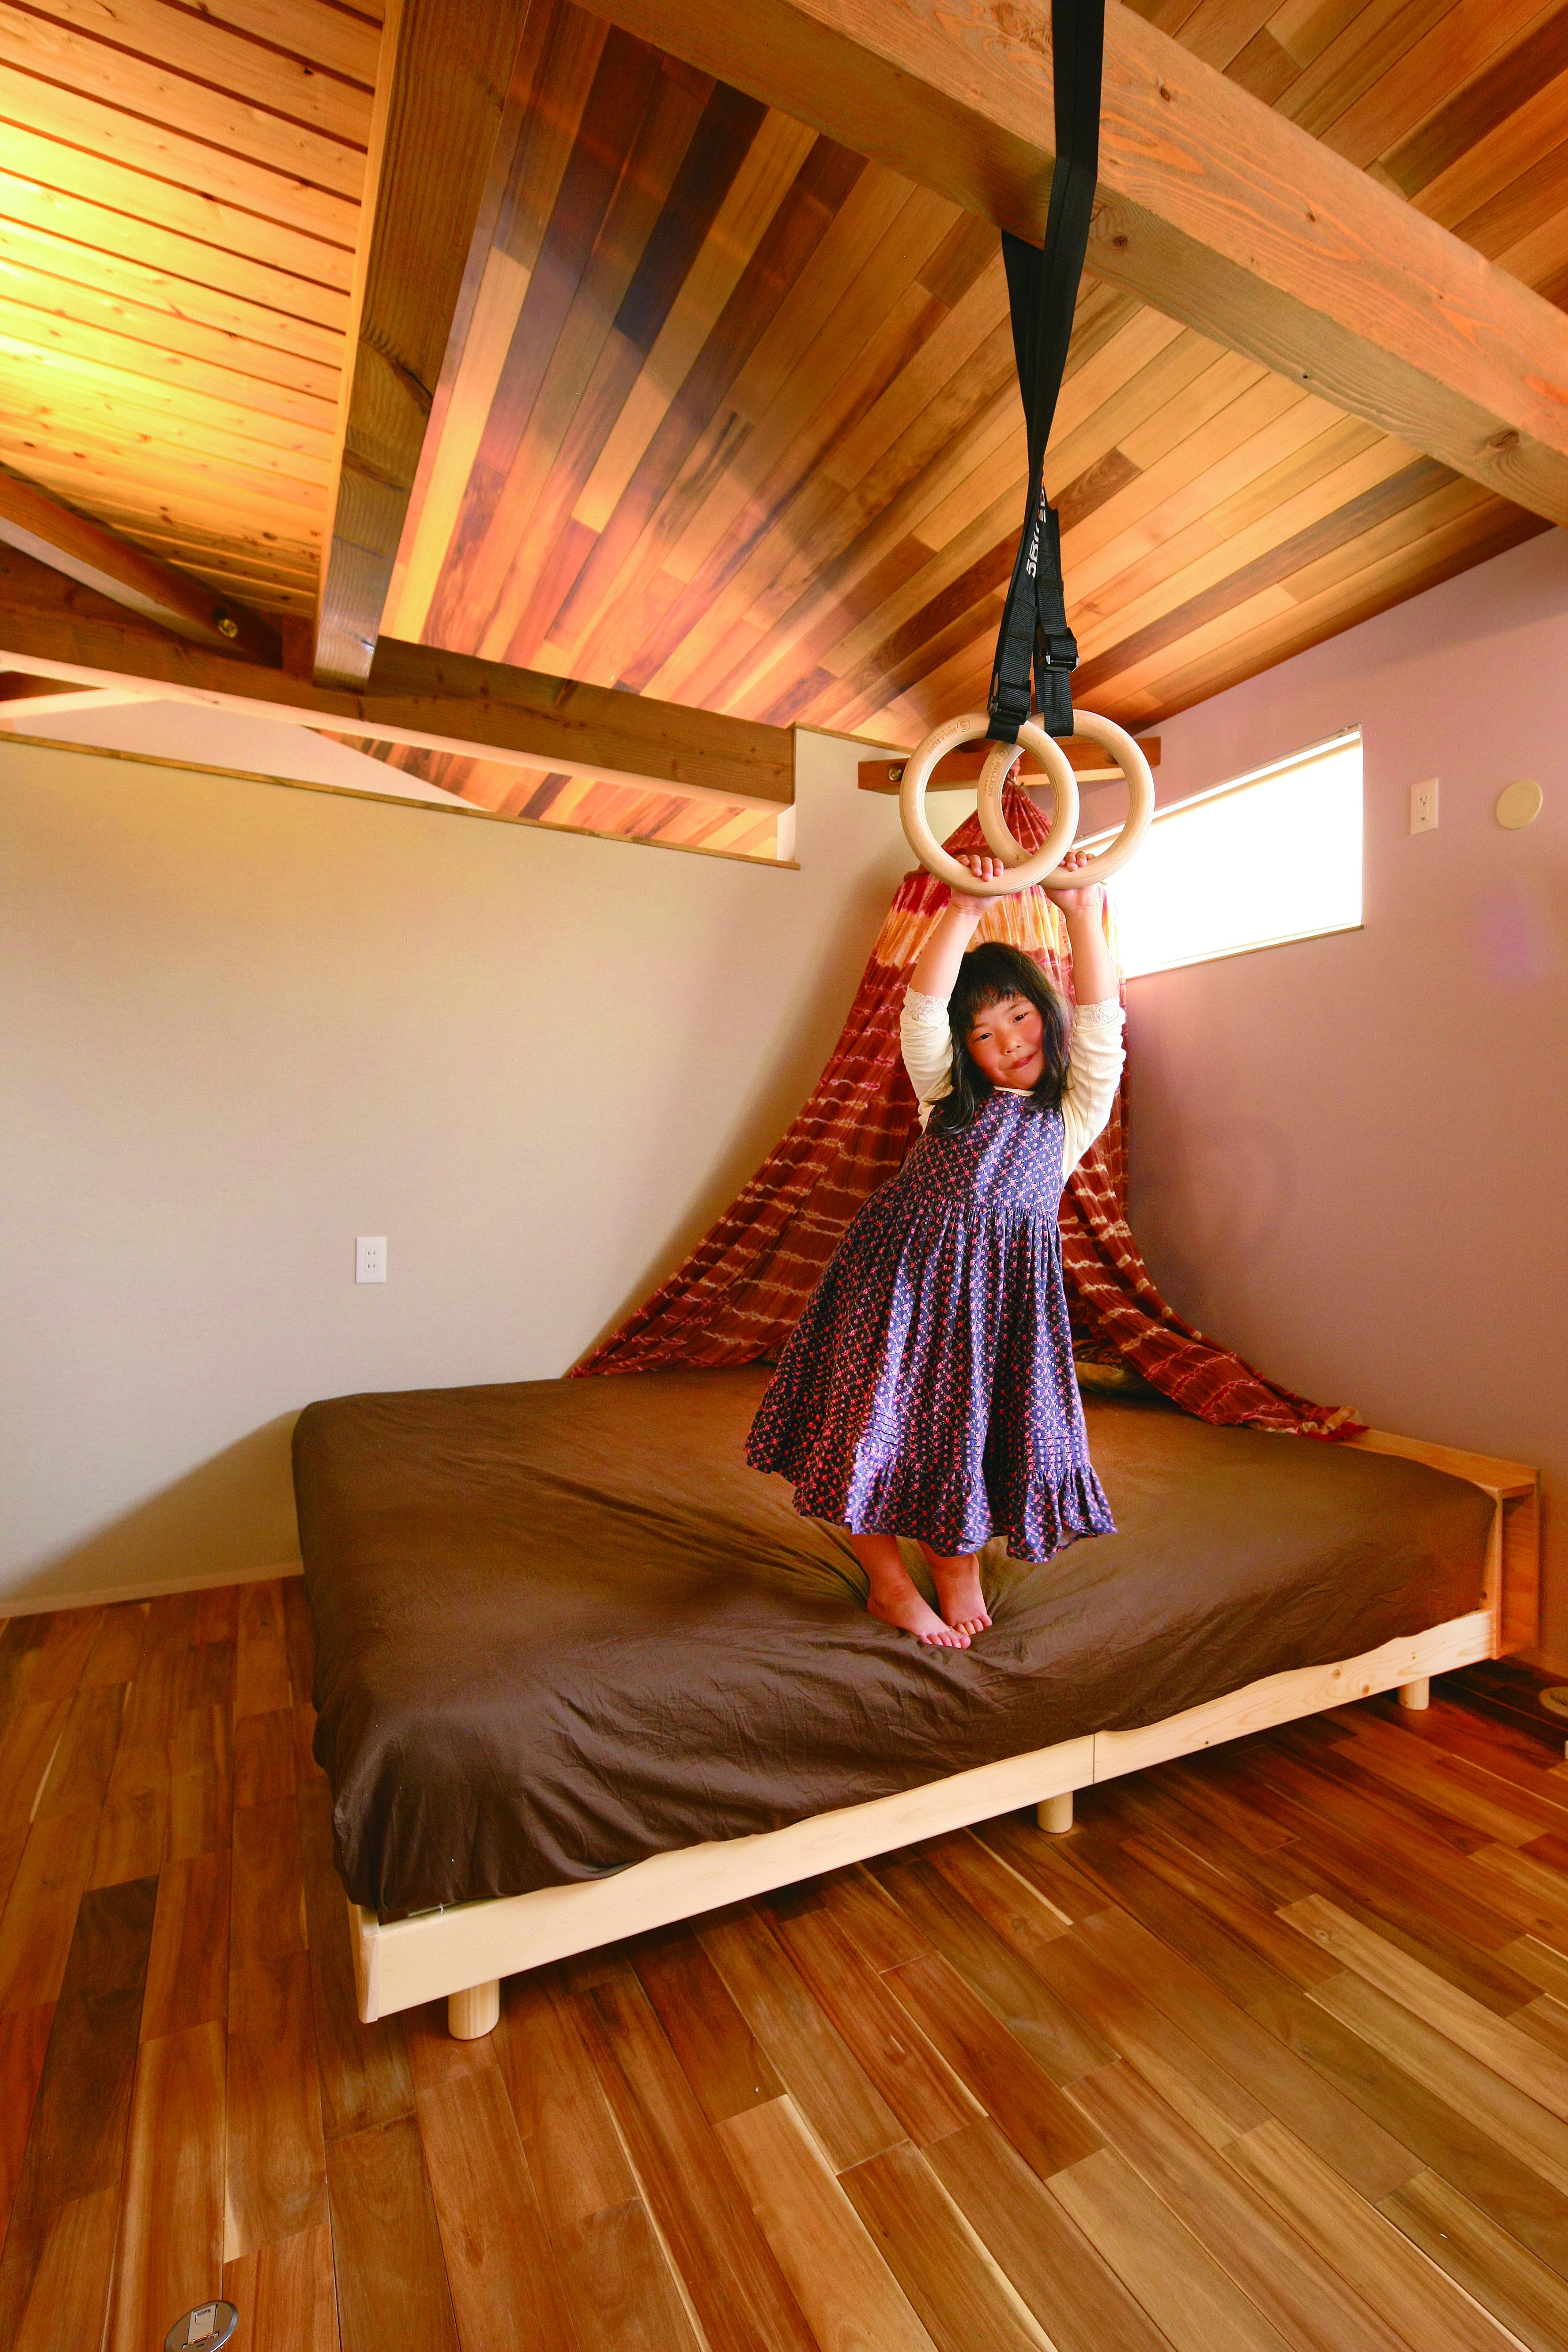 共感住宅 ray-out (レイアウト)【デザイン住宅、子育て、趣味】2階の寝室。どの部屋も壁の上を開けてあるので室内の空気が循環し、クリーンな空気をキープ